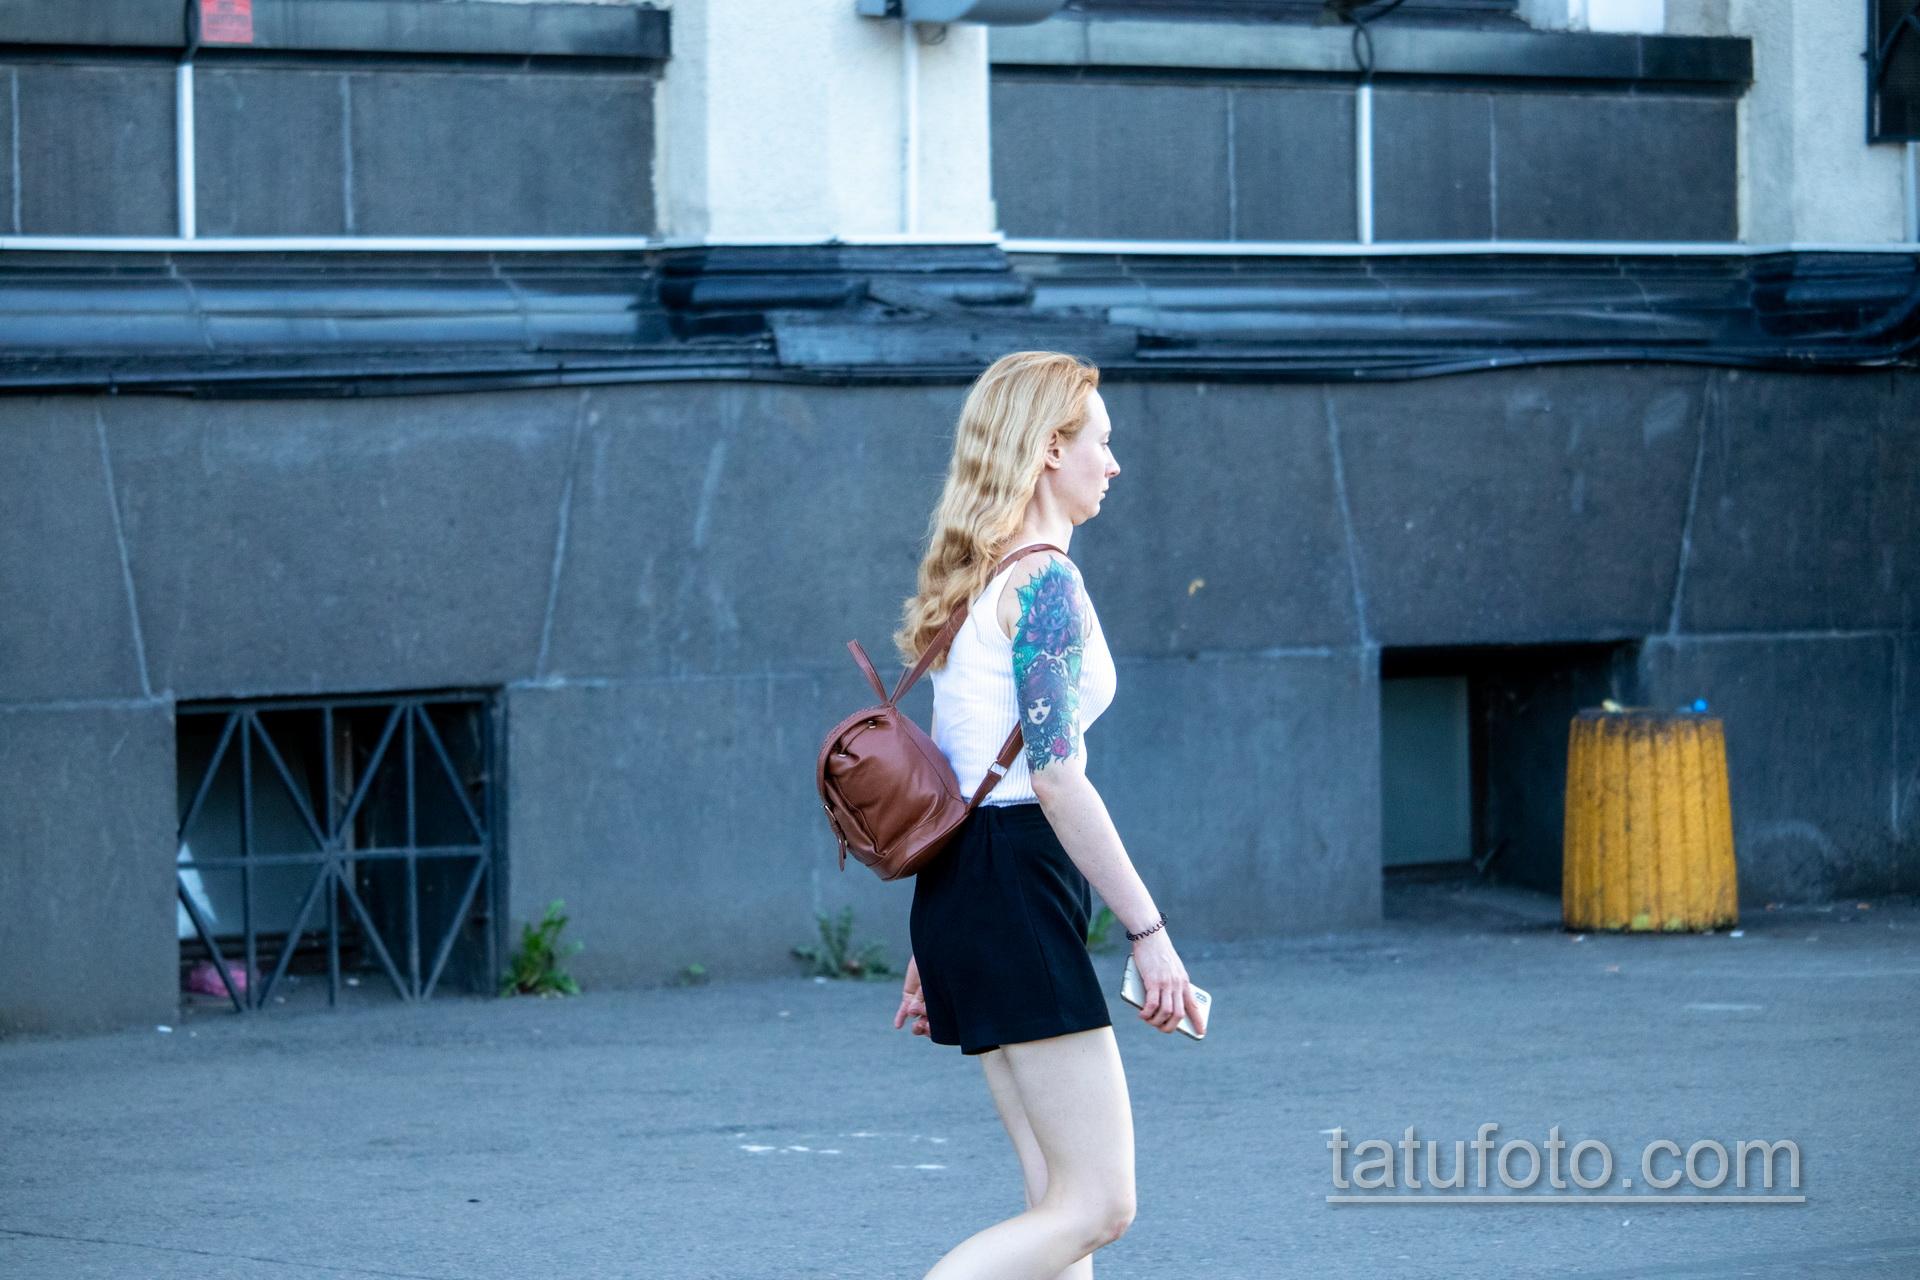 Тату на правой руке девушки с лицом – ягодами и цветами - Уличная татуировка – tatufoto.com 3